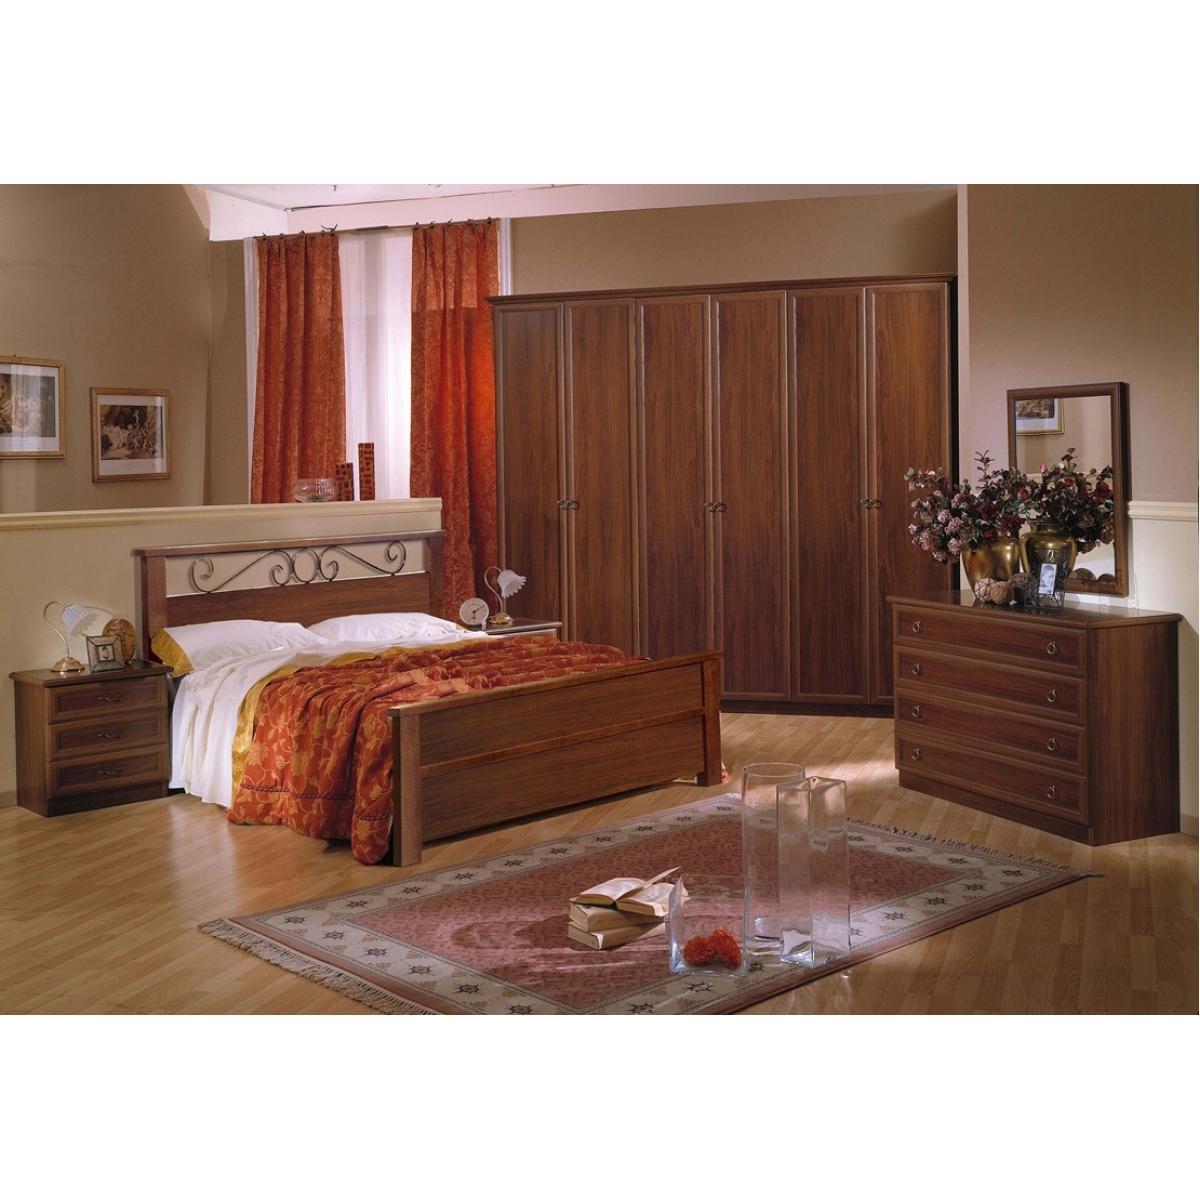 868 camera da letto classica noce - Camera da letto classica ...